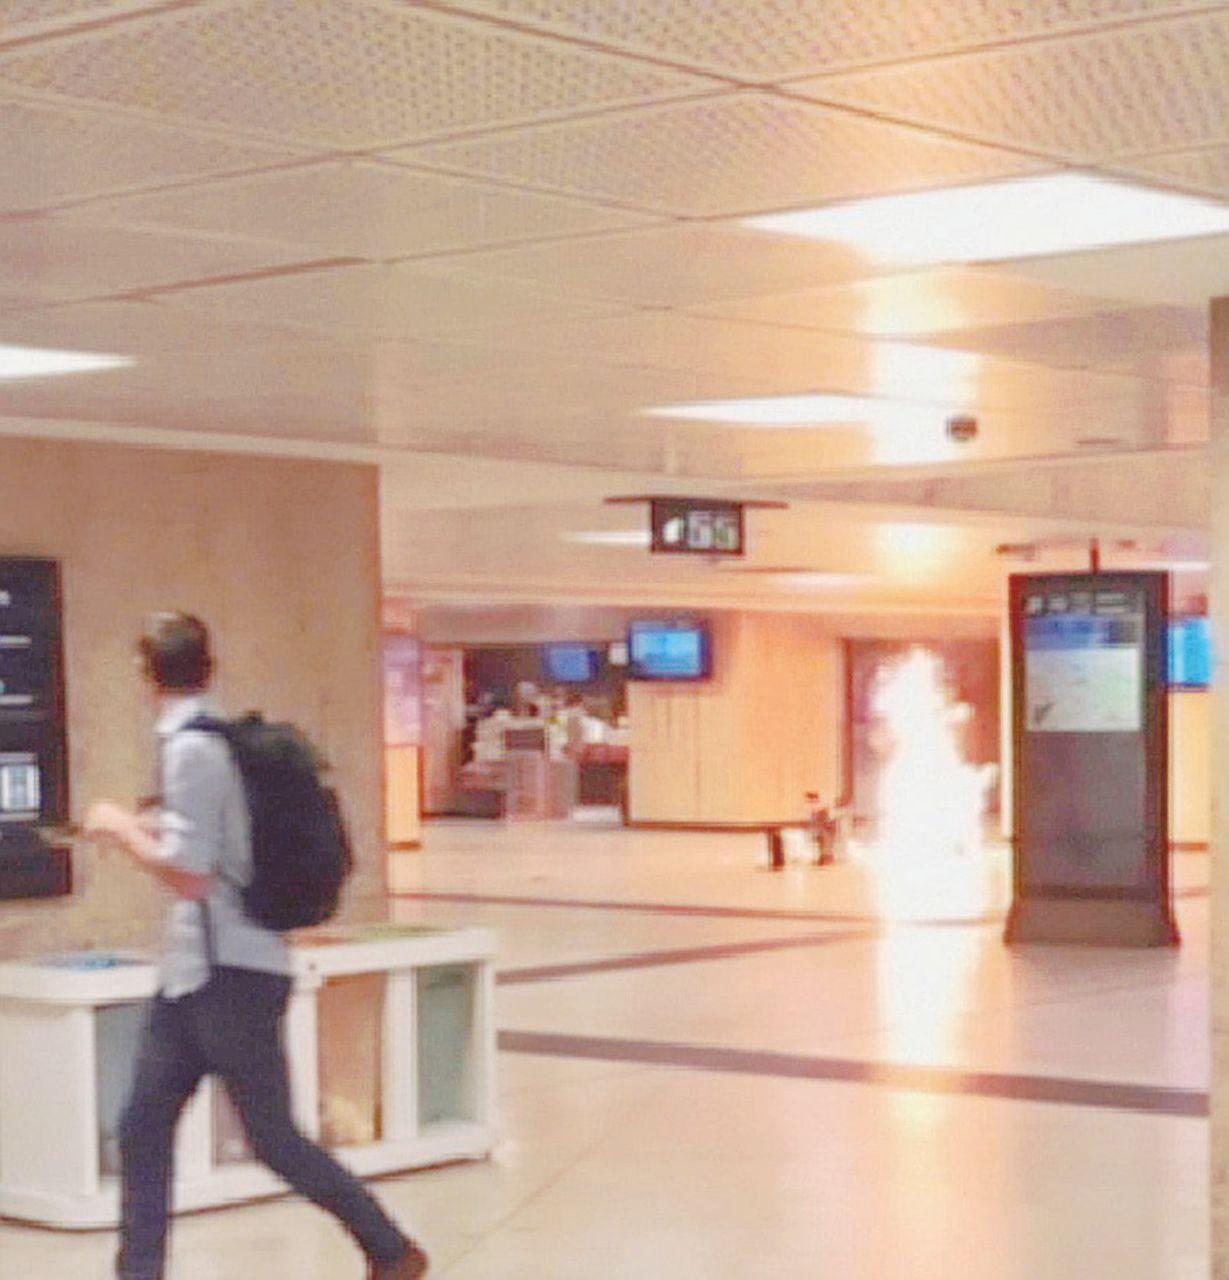 Kamikaze alla stazione, strage sfiorata a Bruxelles